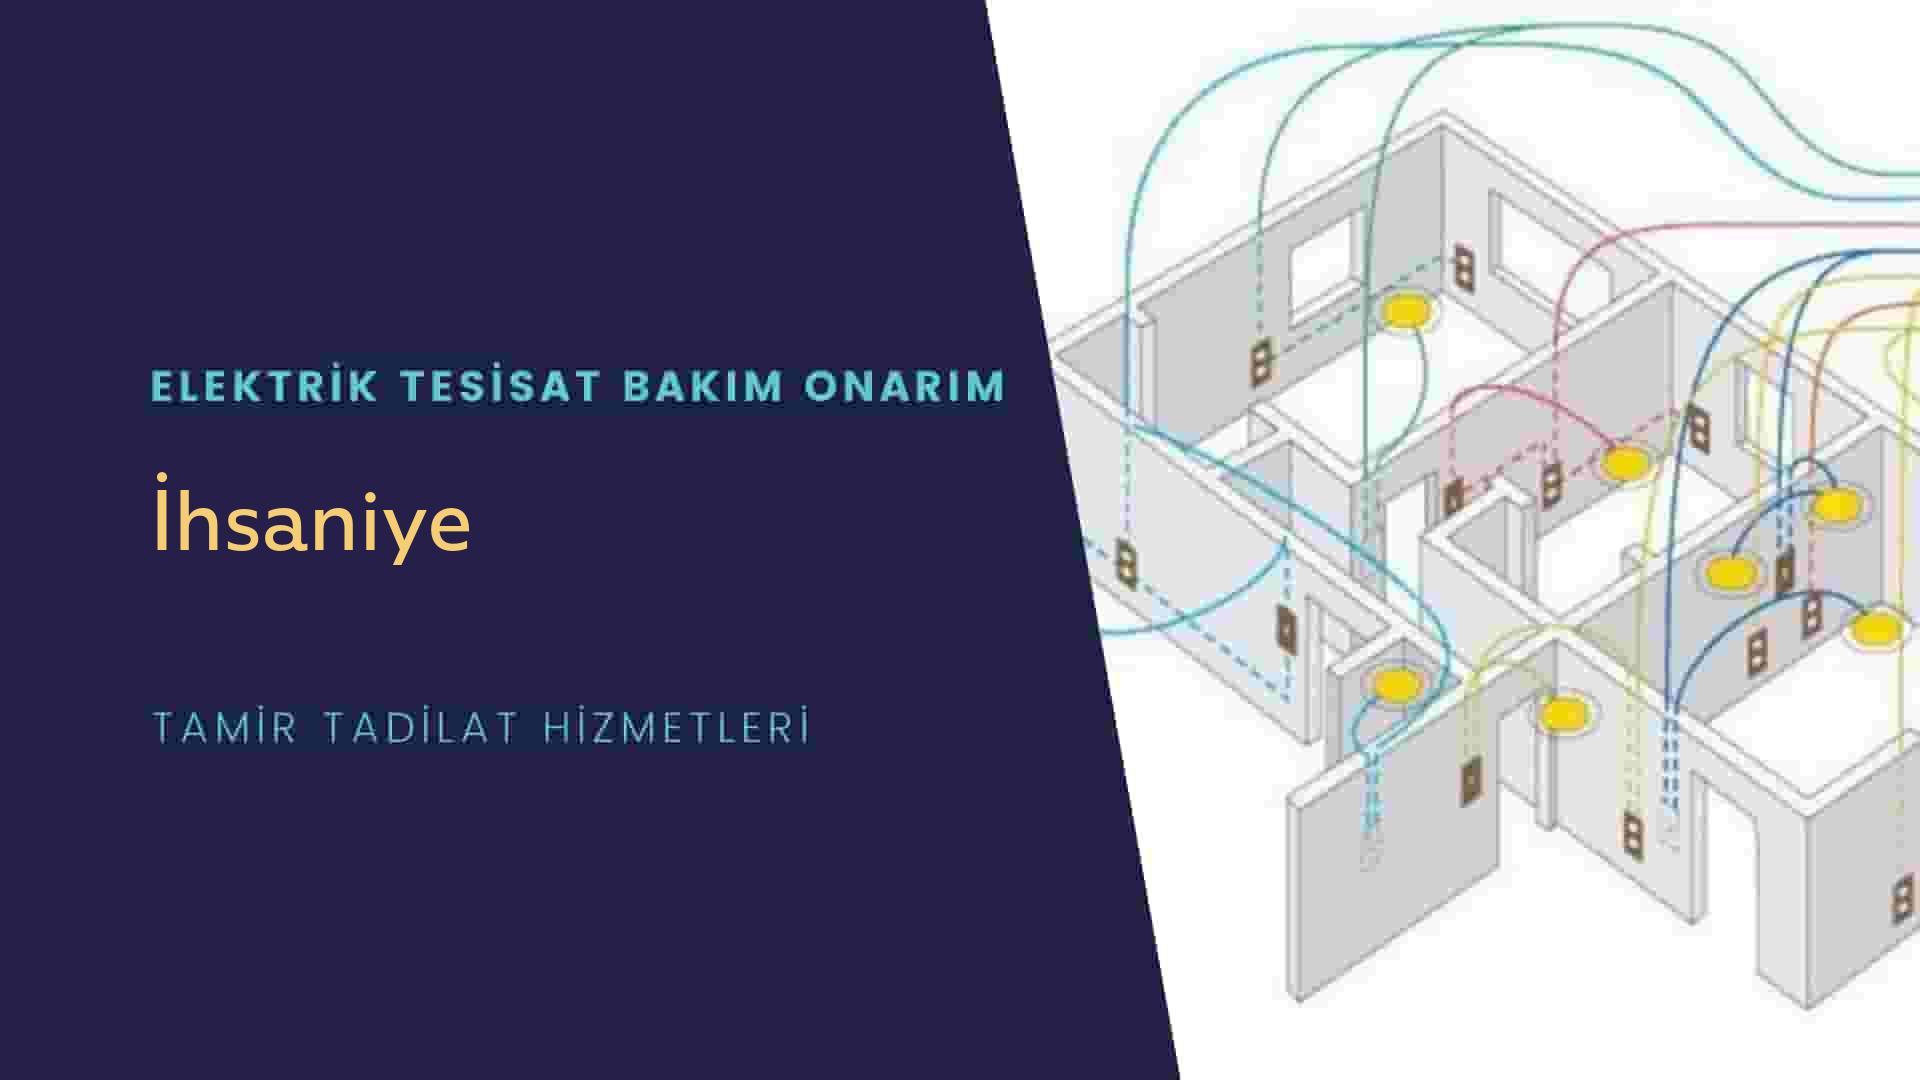 İhsaniye'de elektrik tesisatıustalarımı arıyorsunuz doğru adrestenizi İhsaniye elektrik tesisatı ustalarımız 7/24 sizlere hizmet vermekten mutluluk duyar.